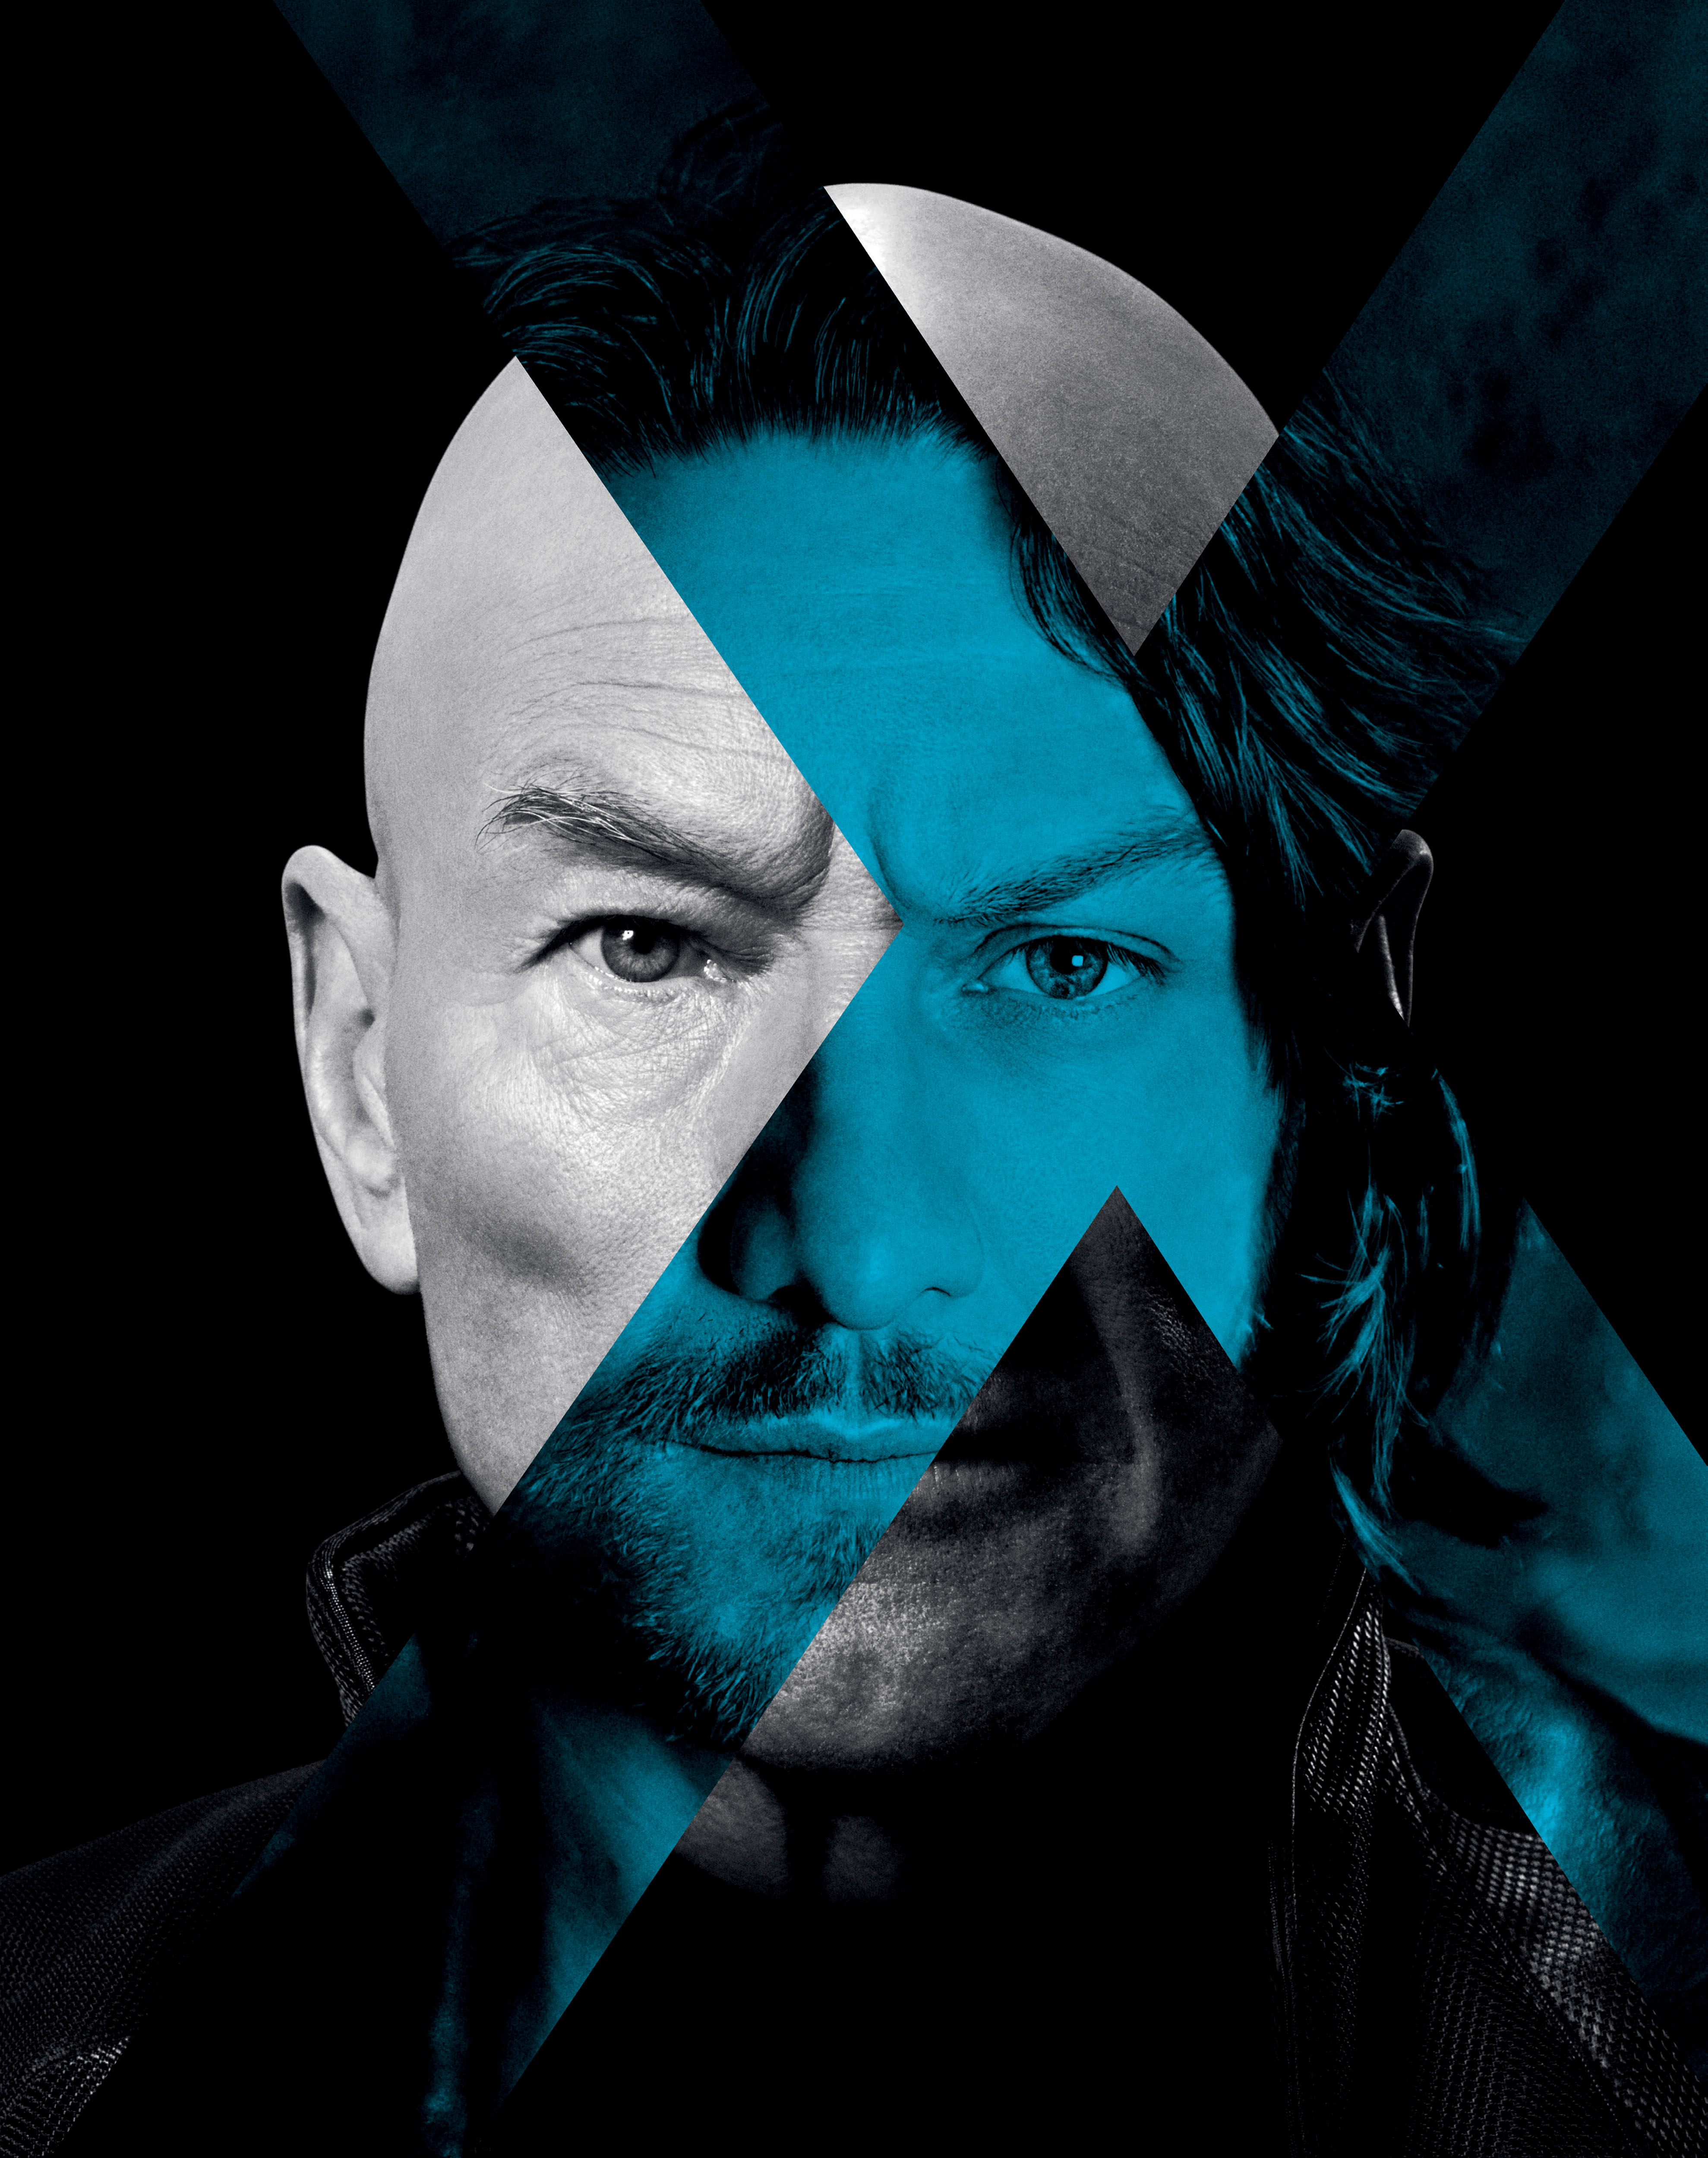 Professor X - X-Men Movies Wiki X Men Days Of Future Past Professor X